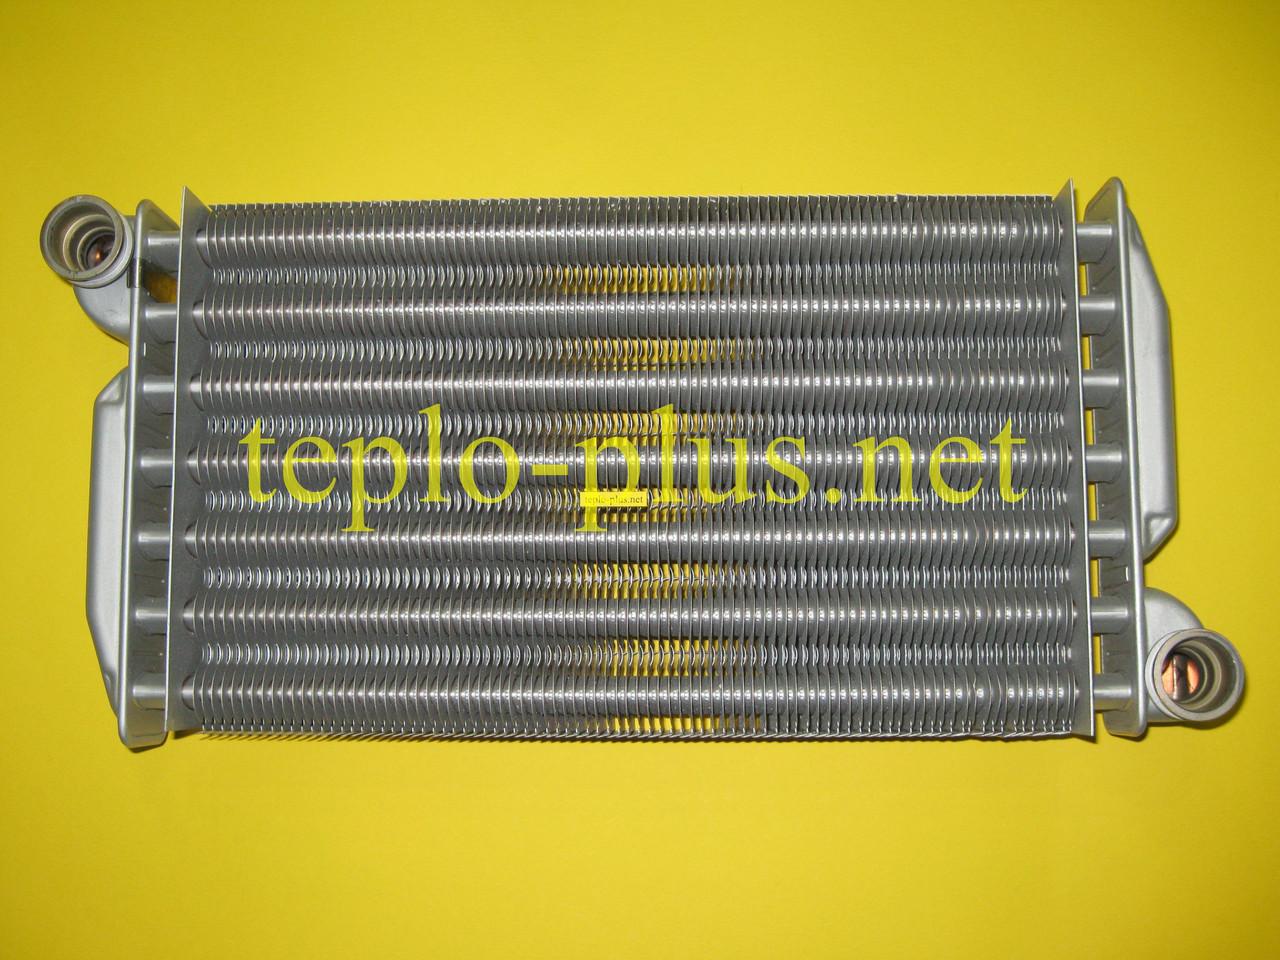 Теплообменник первичный (основной) 5680990 Westen Star Digit 310 Fi, Baxi Eco 3 280, Luna 3 Comfort 310 Fi